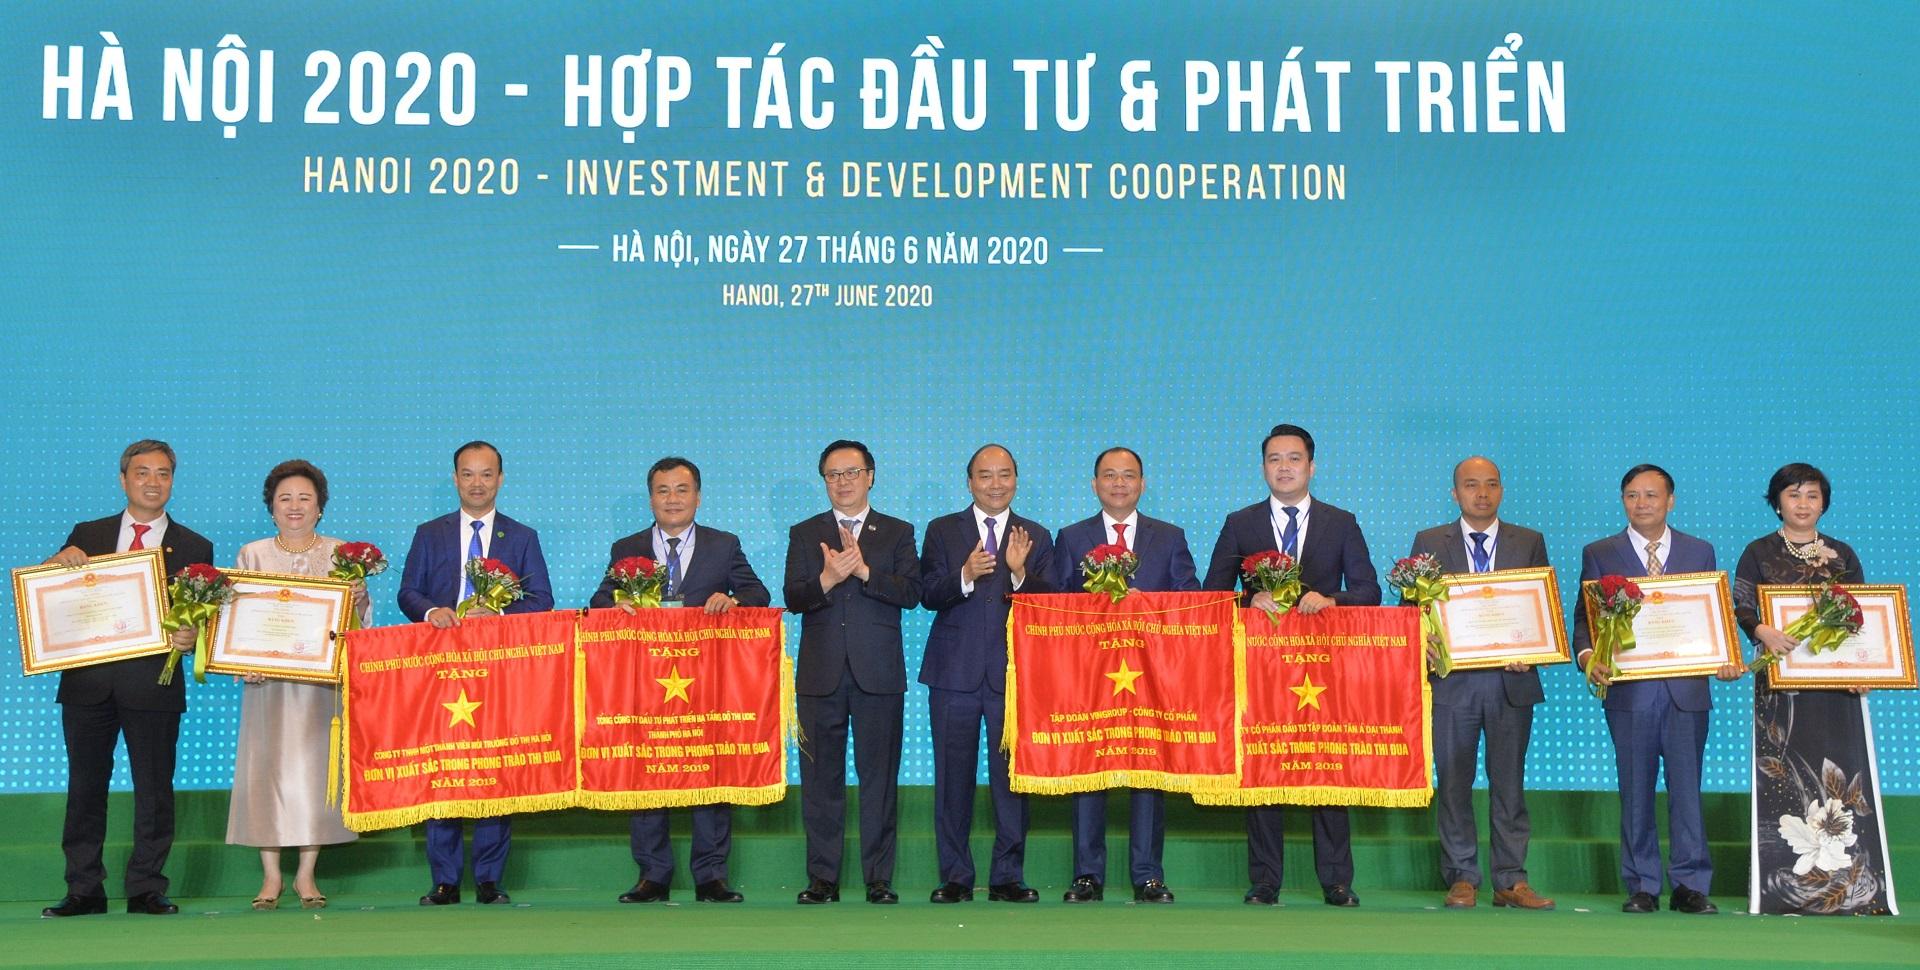 Ông Nguyễn Duy Chính TGĐ Tập đoàn Tân Á Đại Thành (thứ 4 từ phải sang) và đại diện các doanh nghiệp nhận Cờ thi đua và Bằng khen của Thủ tướng Chính phủ.